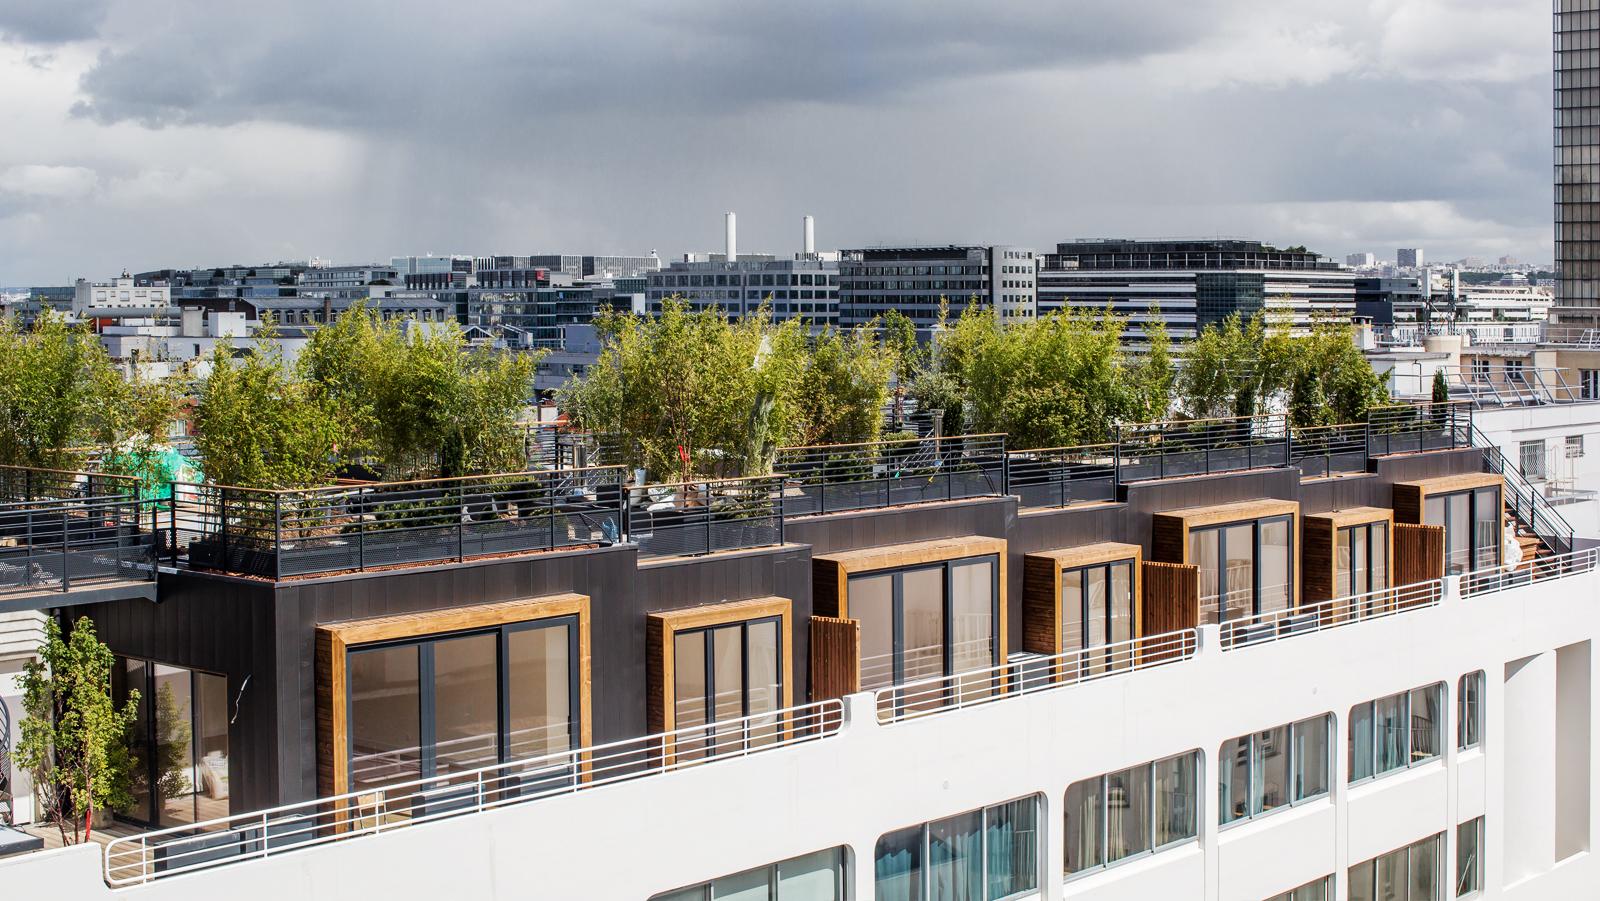 Maison Ossature Bois Bordeaux surélévation, des maisons sur les toits de paris